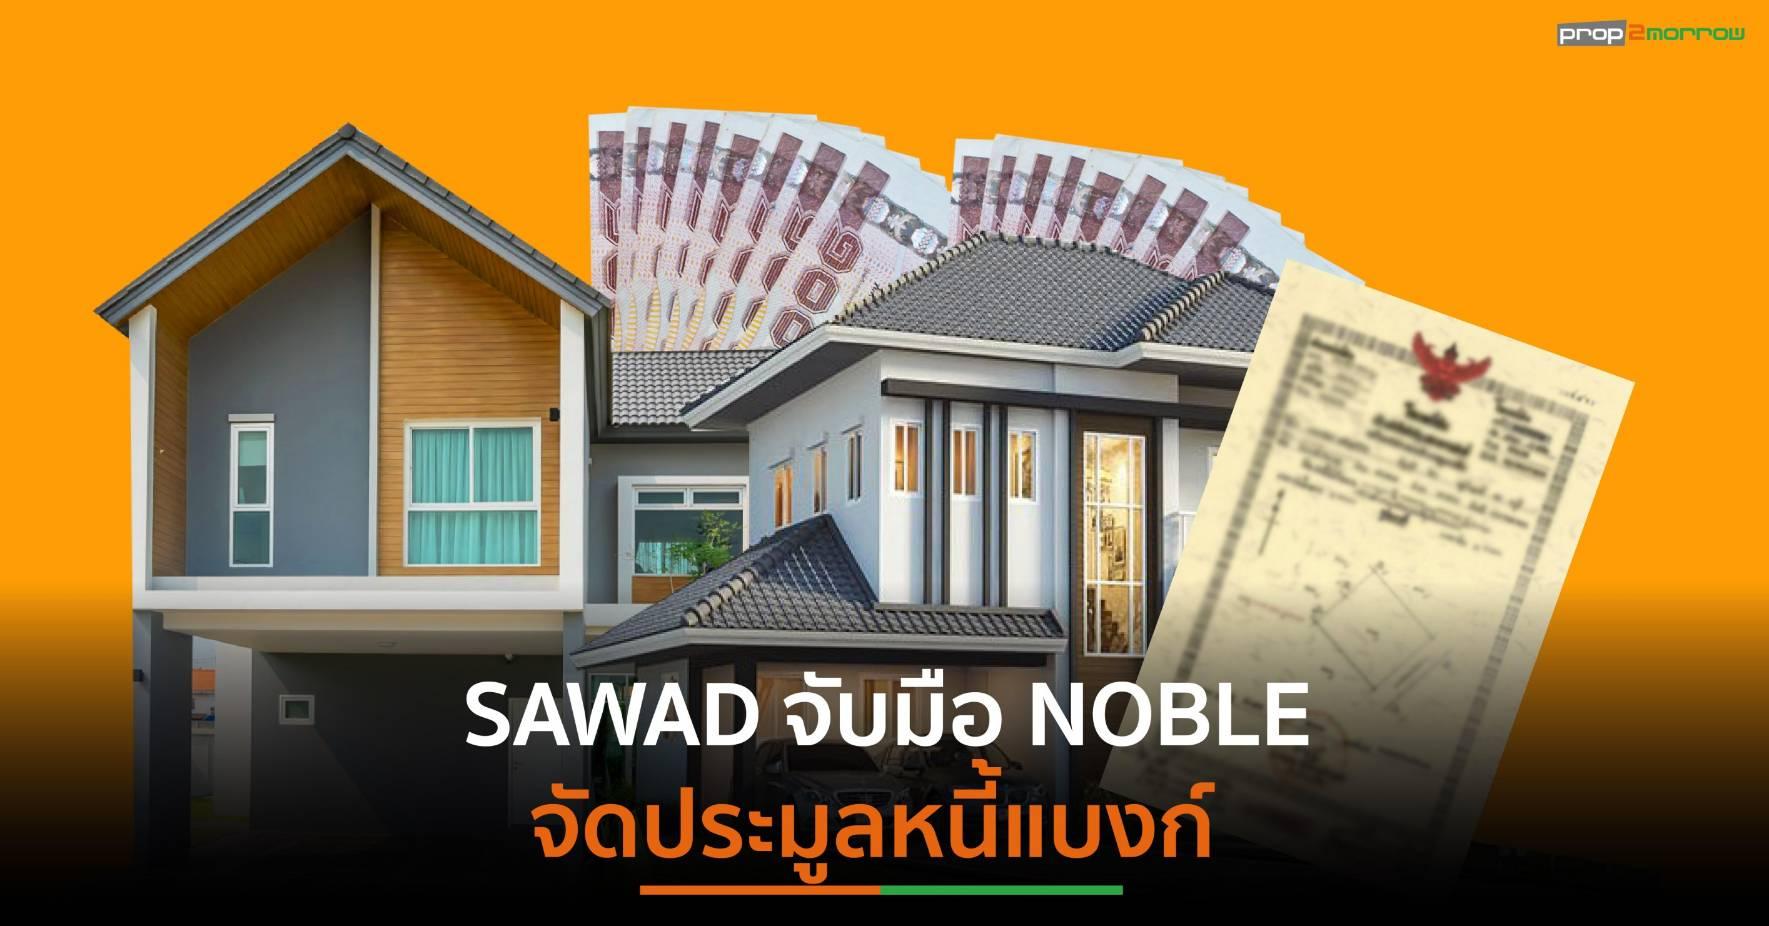 SAWADจับมือ NOBLE จัดประมูลหนี้แบงก์   Prop2Morrow บ้าน คอนโด ข่าวอสังหาฯ